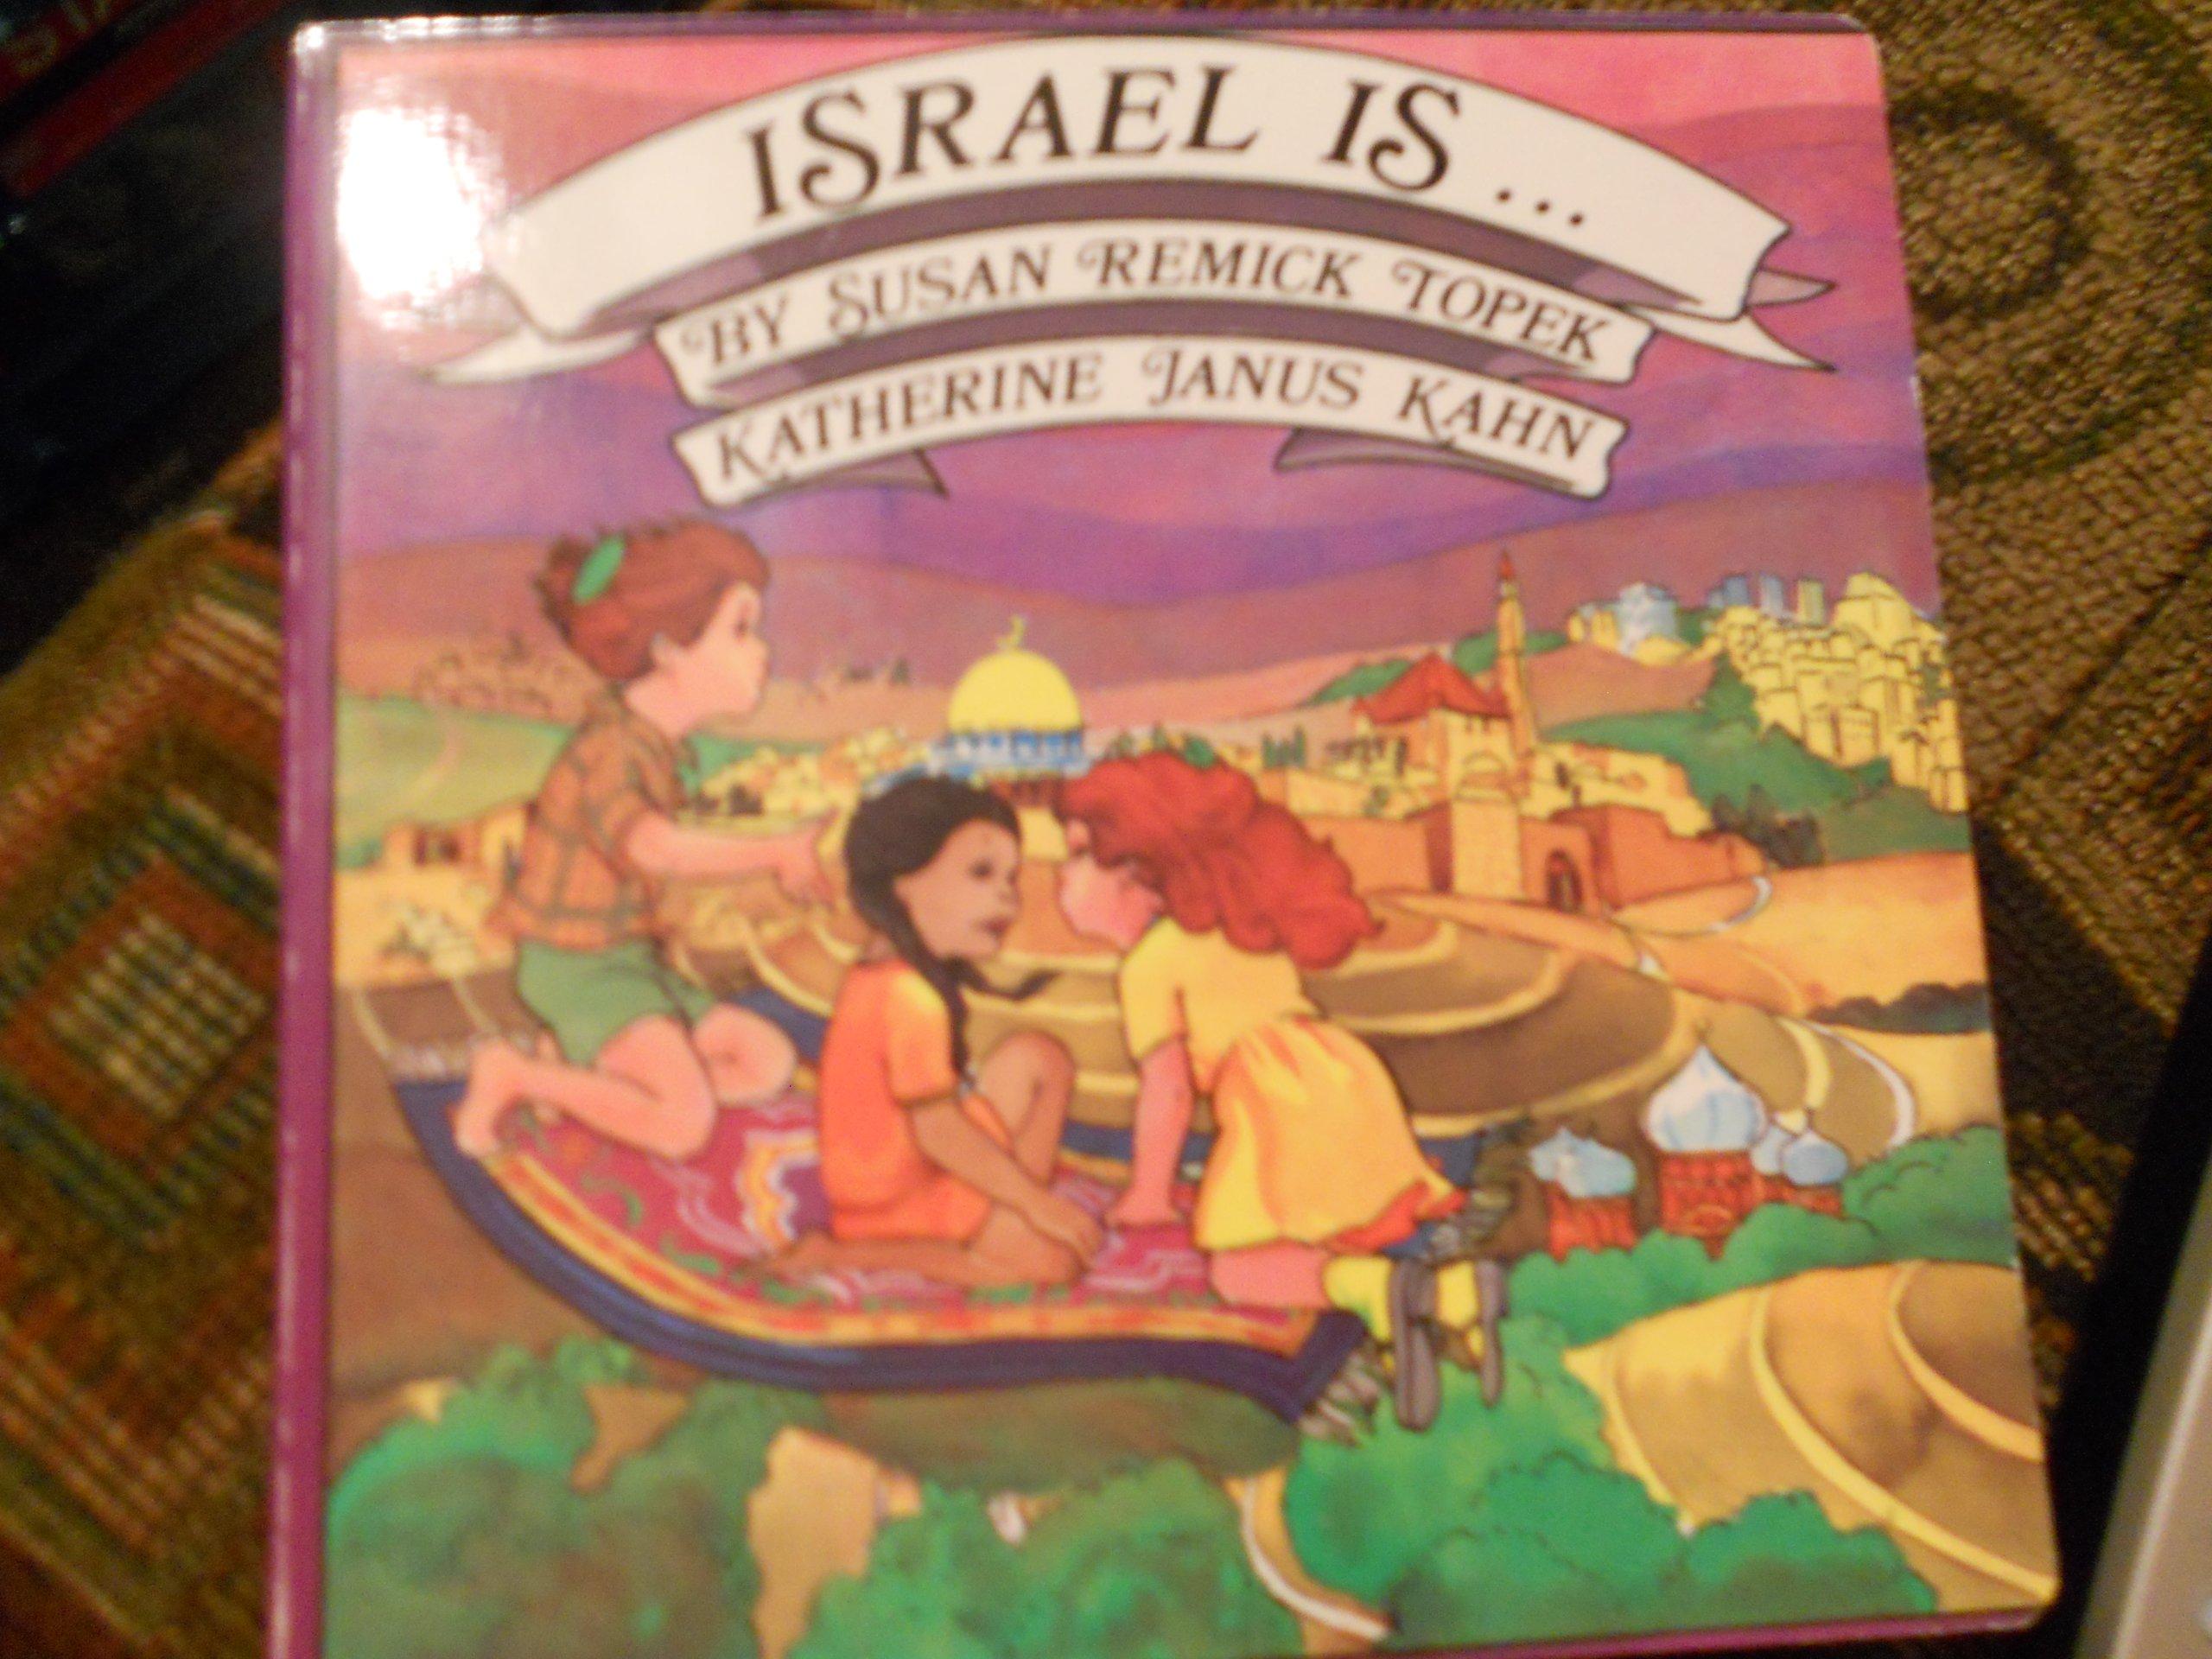 Israel Is